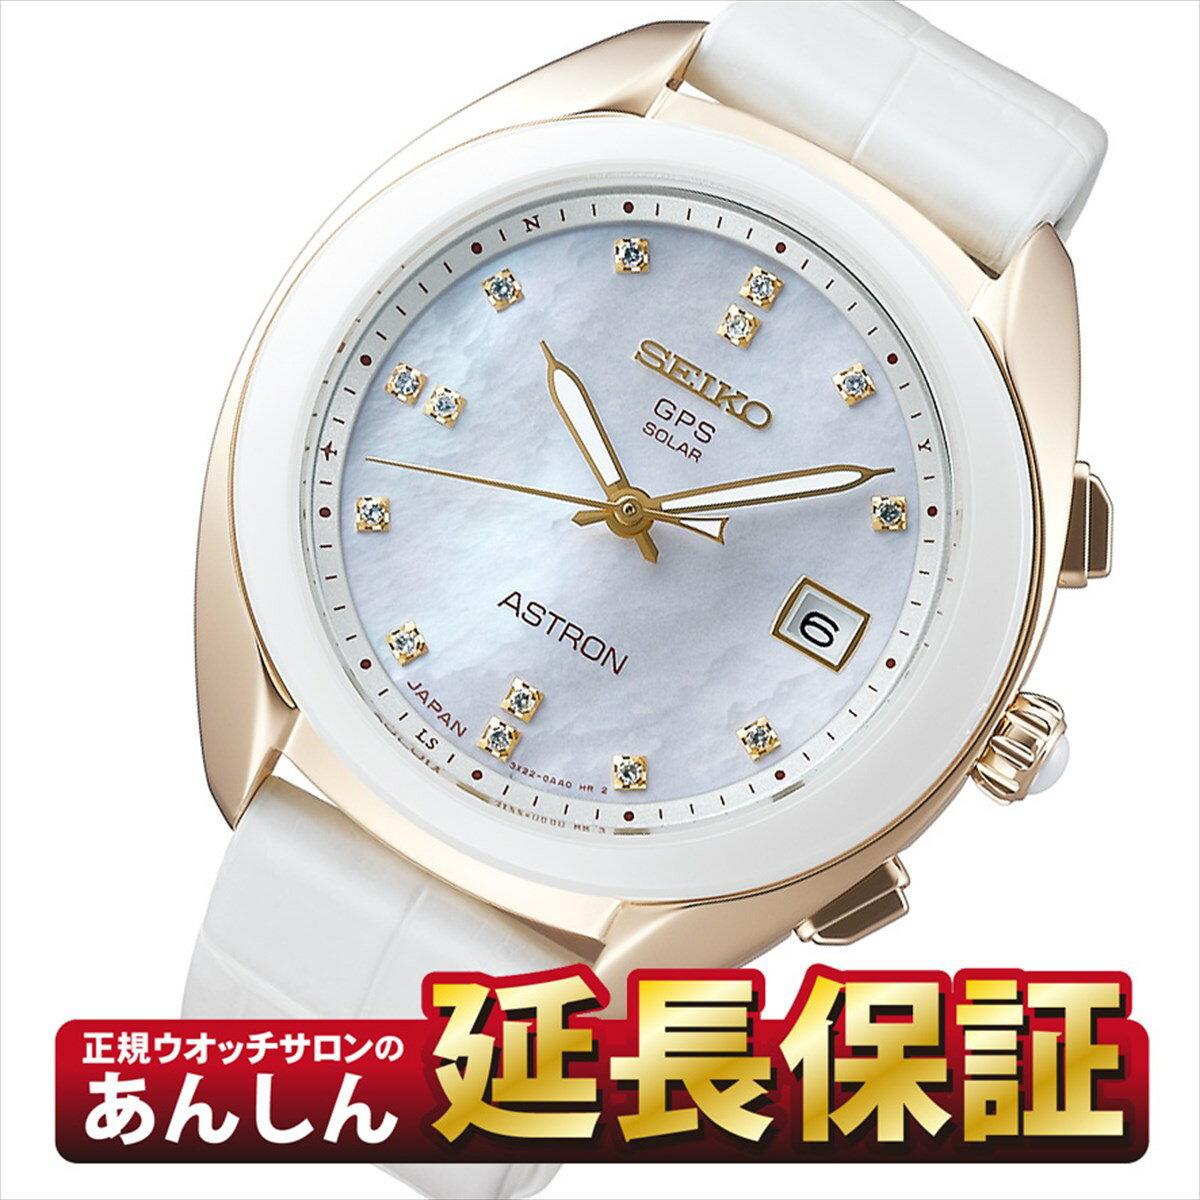 腕時計, レディース腕時計 10OFF2195930SEIKOSEIKO ASTRON STXD002 GPS 111910spl